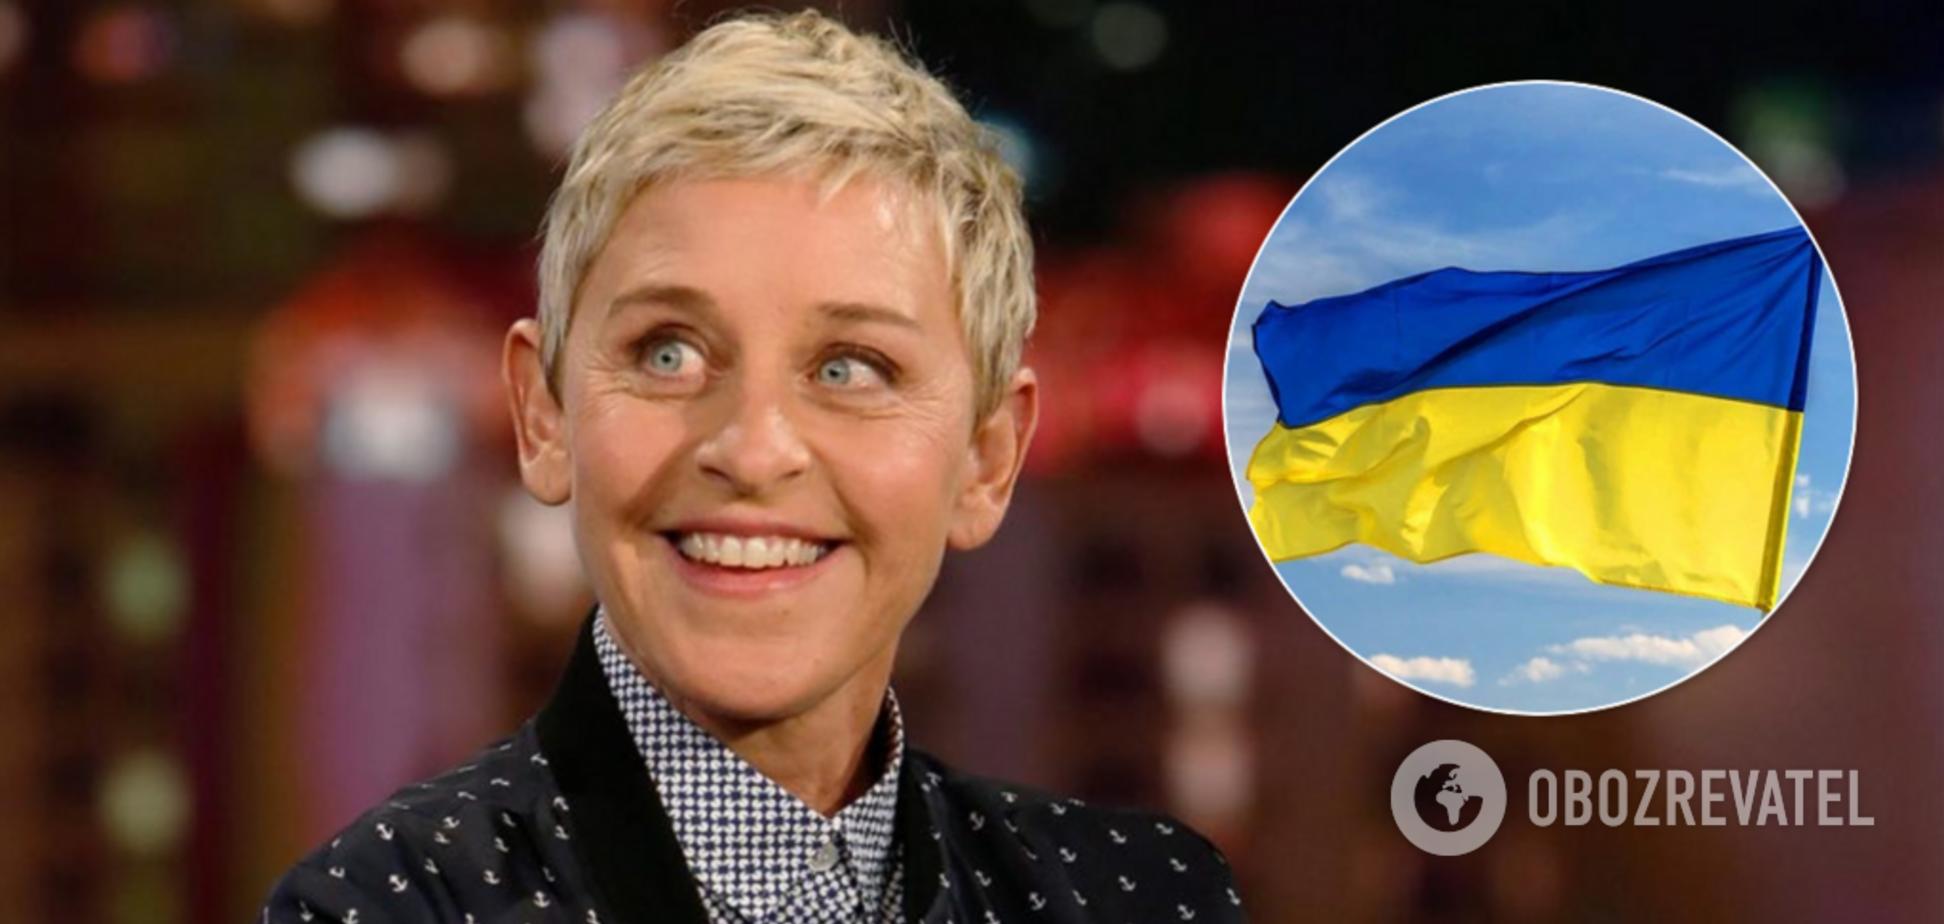 'Російські хлопці!' Відома ведуча потрапила у скандал через Україну: мережа кипить